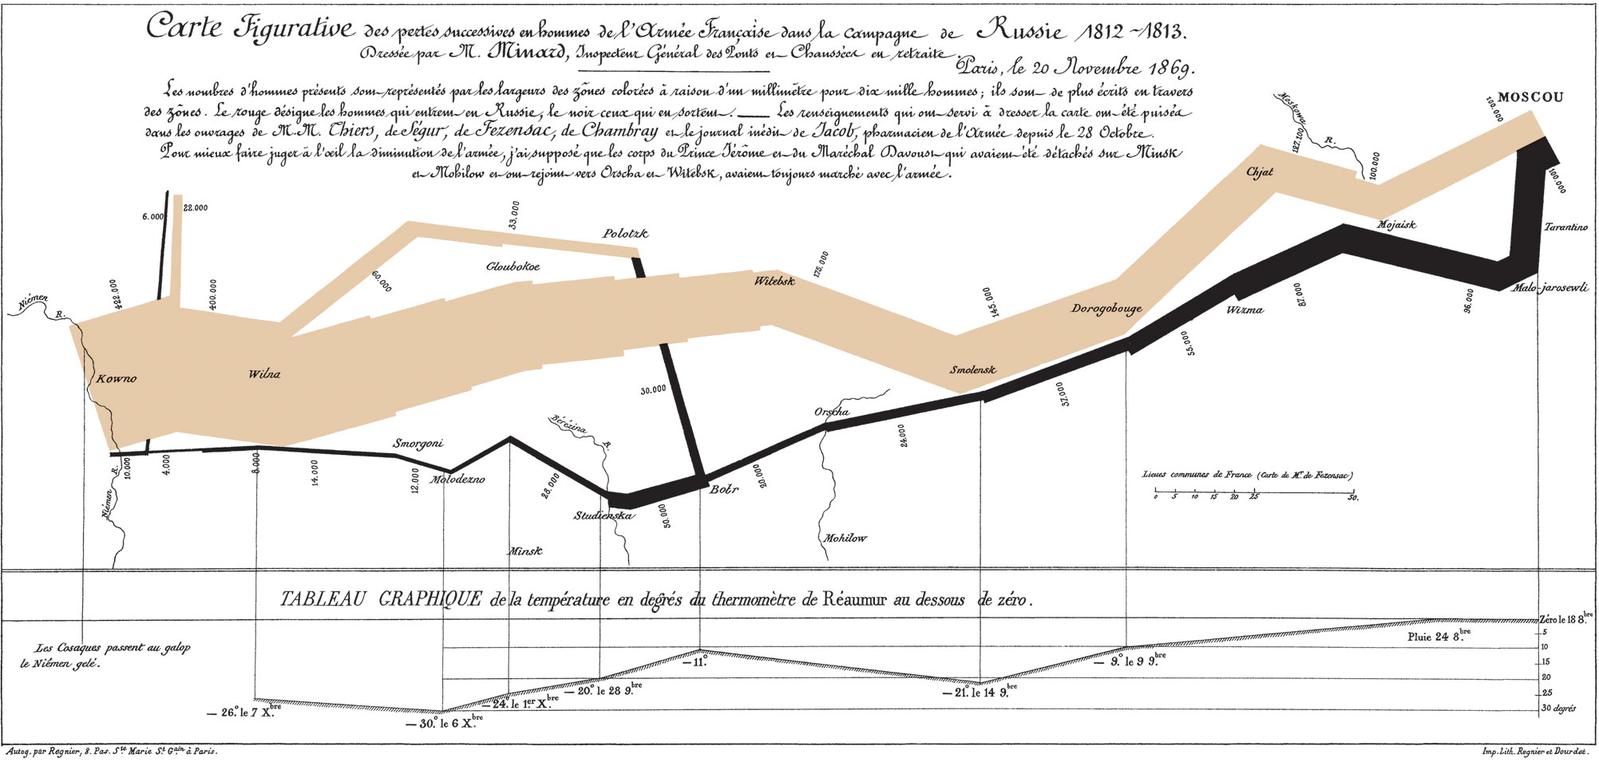 Minard's Greatest Hit, c.1869